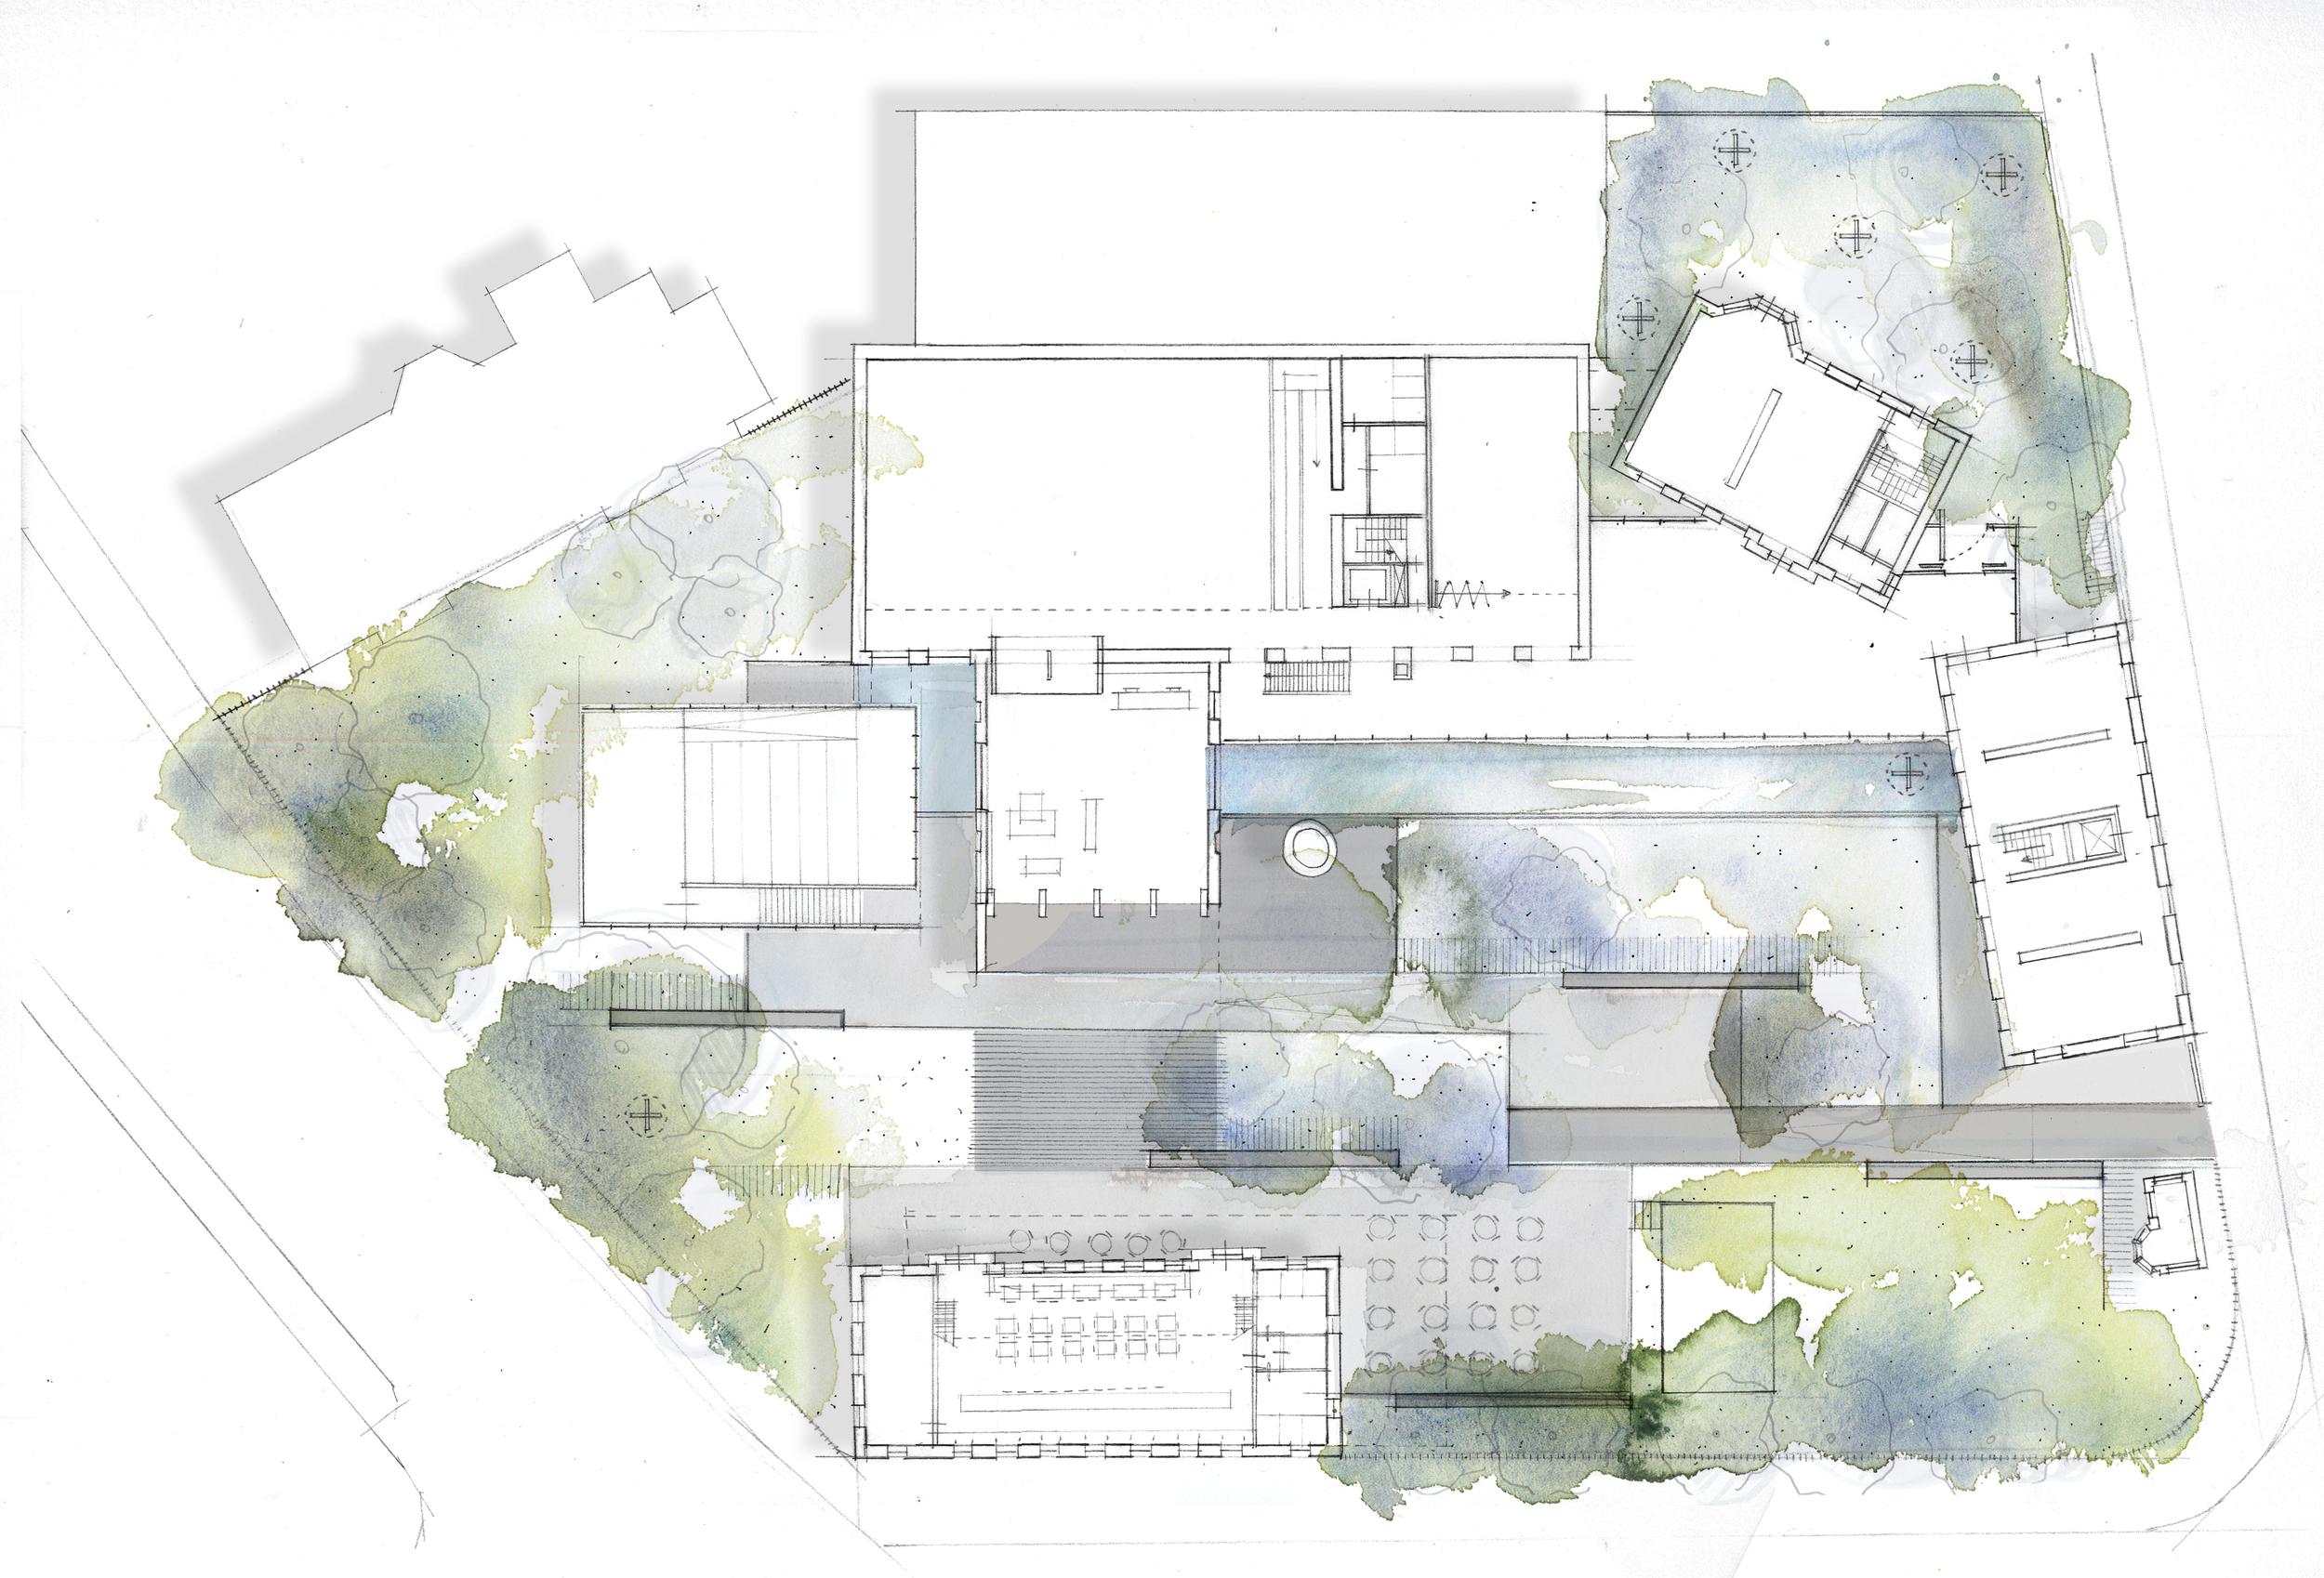 03Pumpehuset museum_floorplan ground floor pencil.jpg